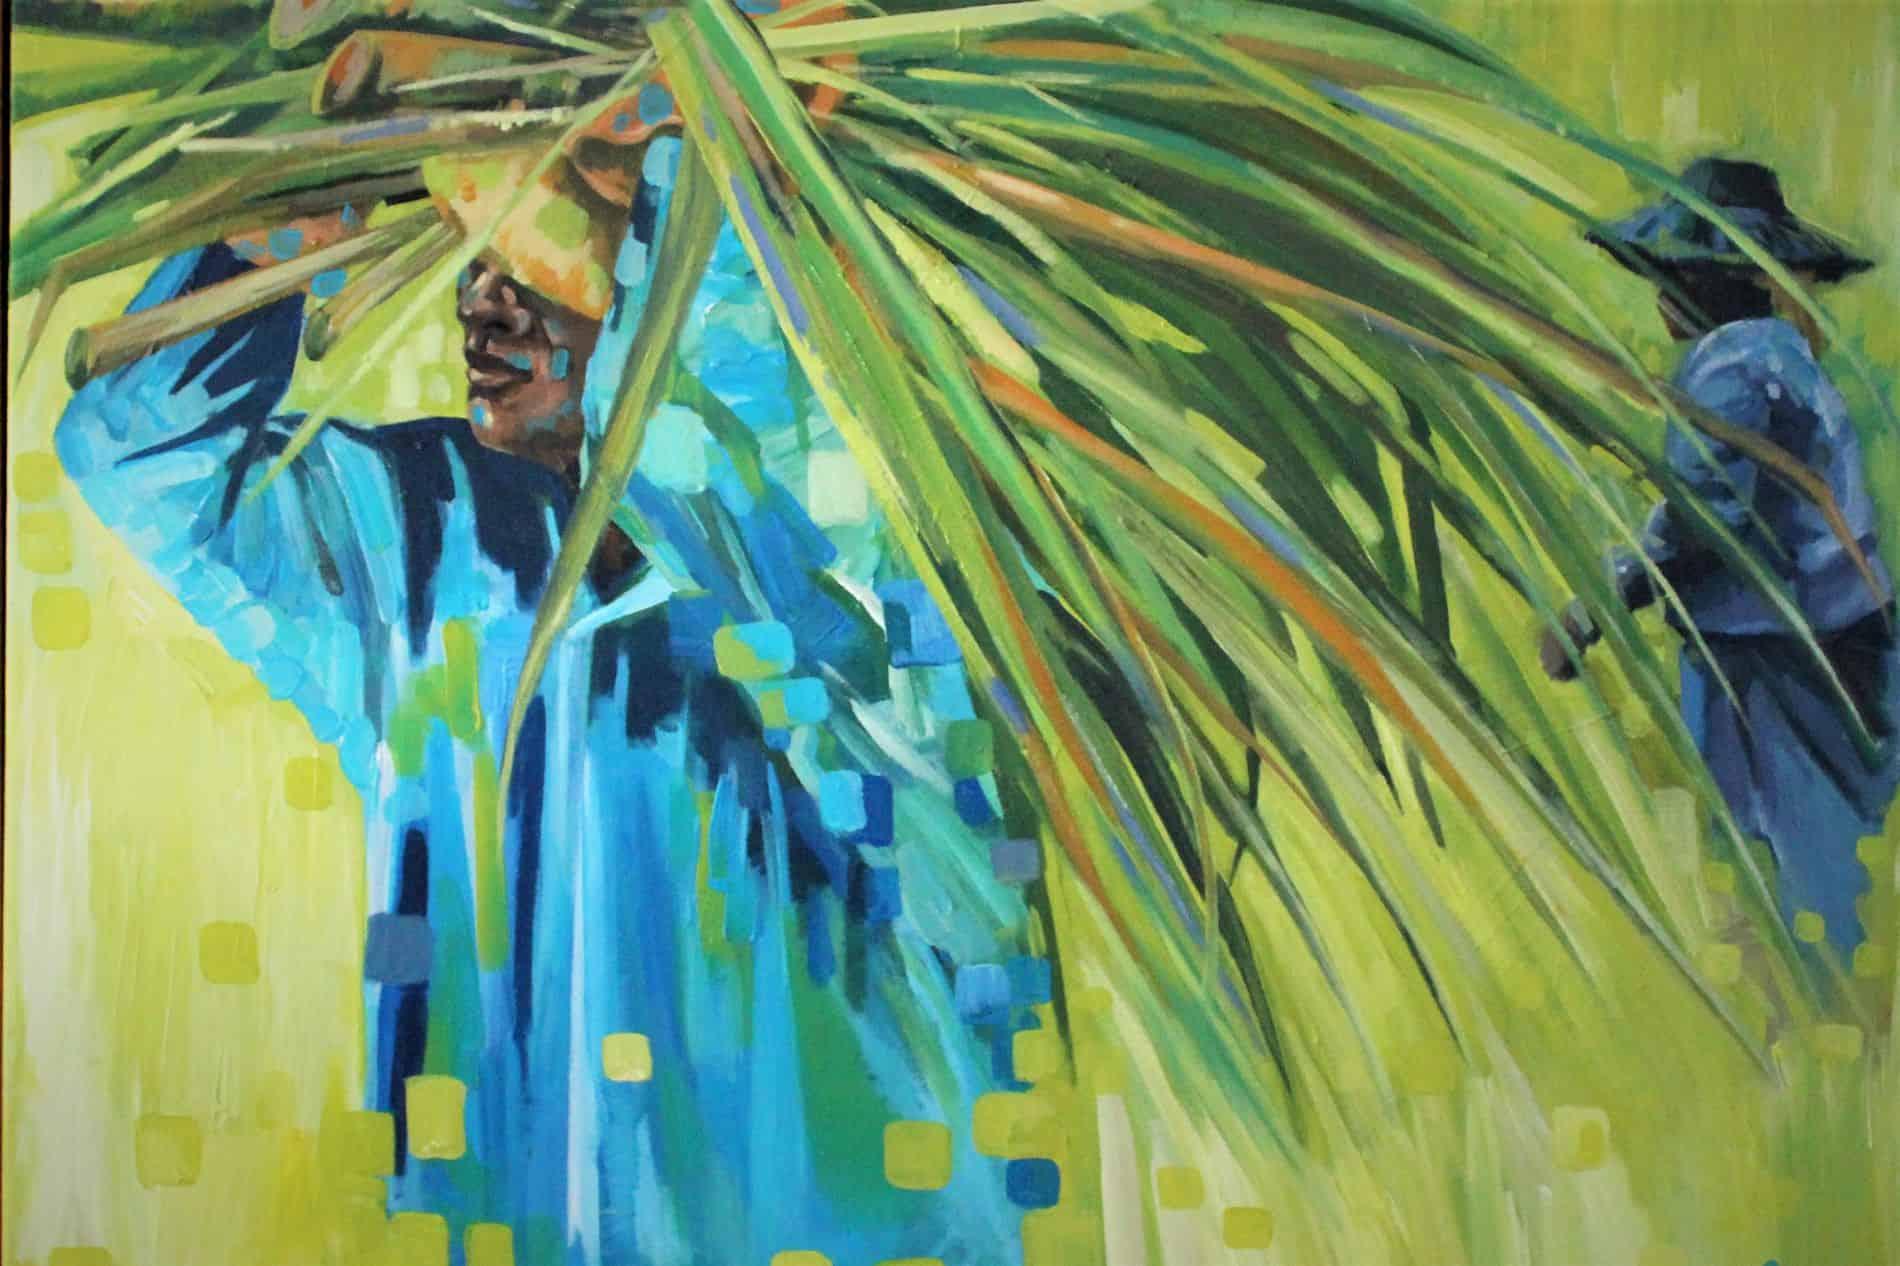 mauritius_arts_veronique_christine_laurent-coupeurs-de-cannes-close-up